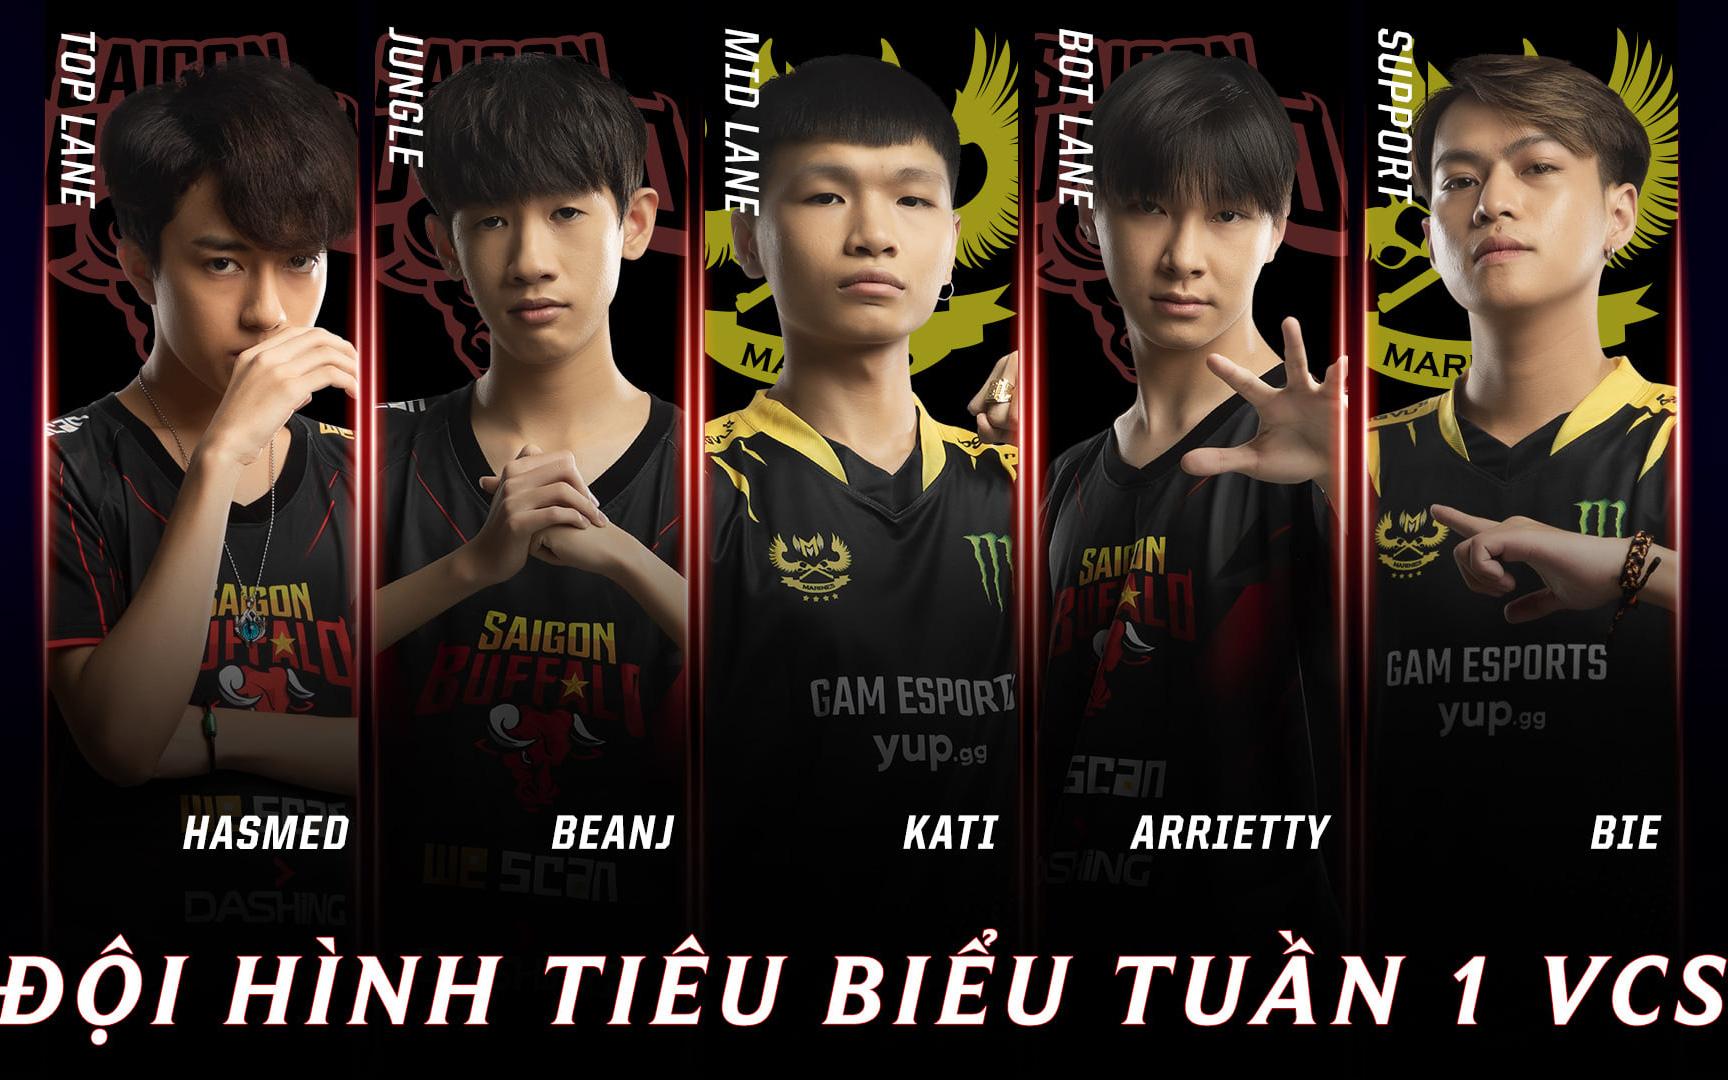 Đội hình tiêu biểu VCS tuần 1: Saigon Buffalo nhuộm đỏ danh sách, GAM Esports góp mặt với 2 tân binh